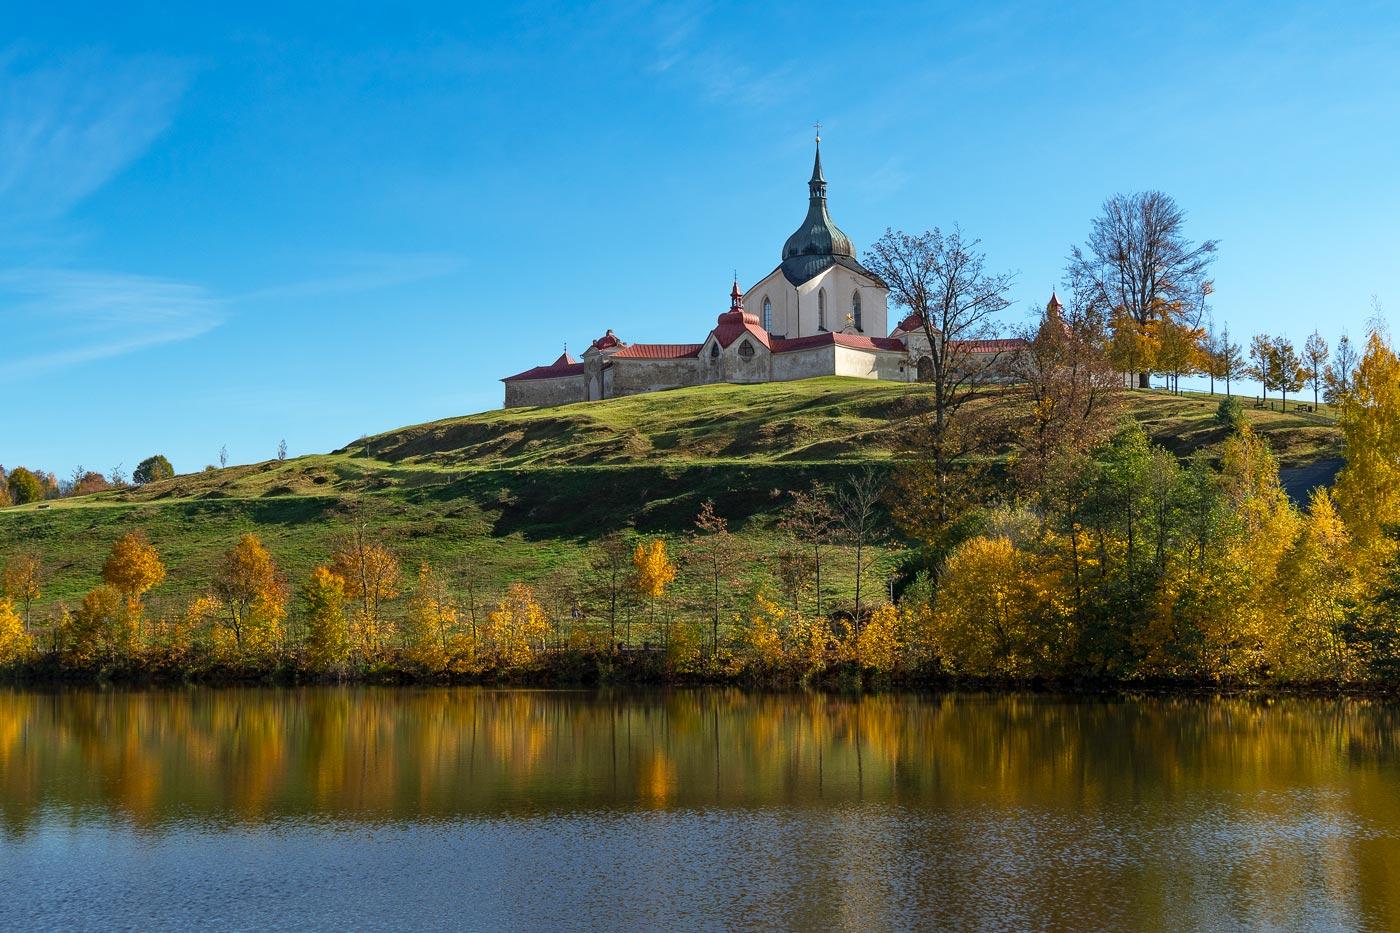 Паломнический костел Святого Яна Непомуцкого, Зелена Гора (Zelená hora)